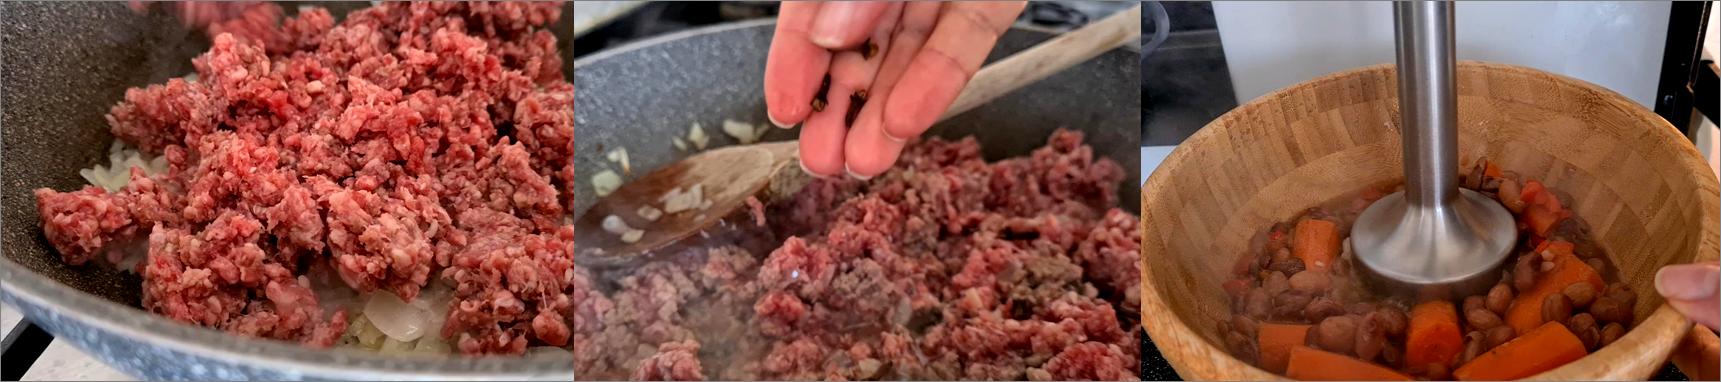 ricetta passo passo frijoles con chili 4